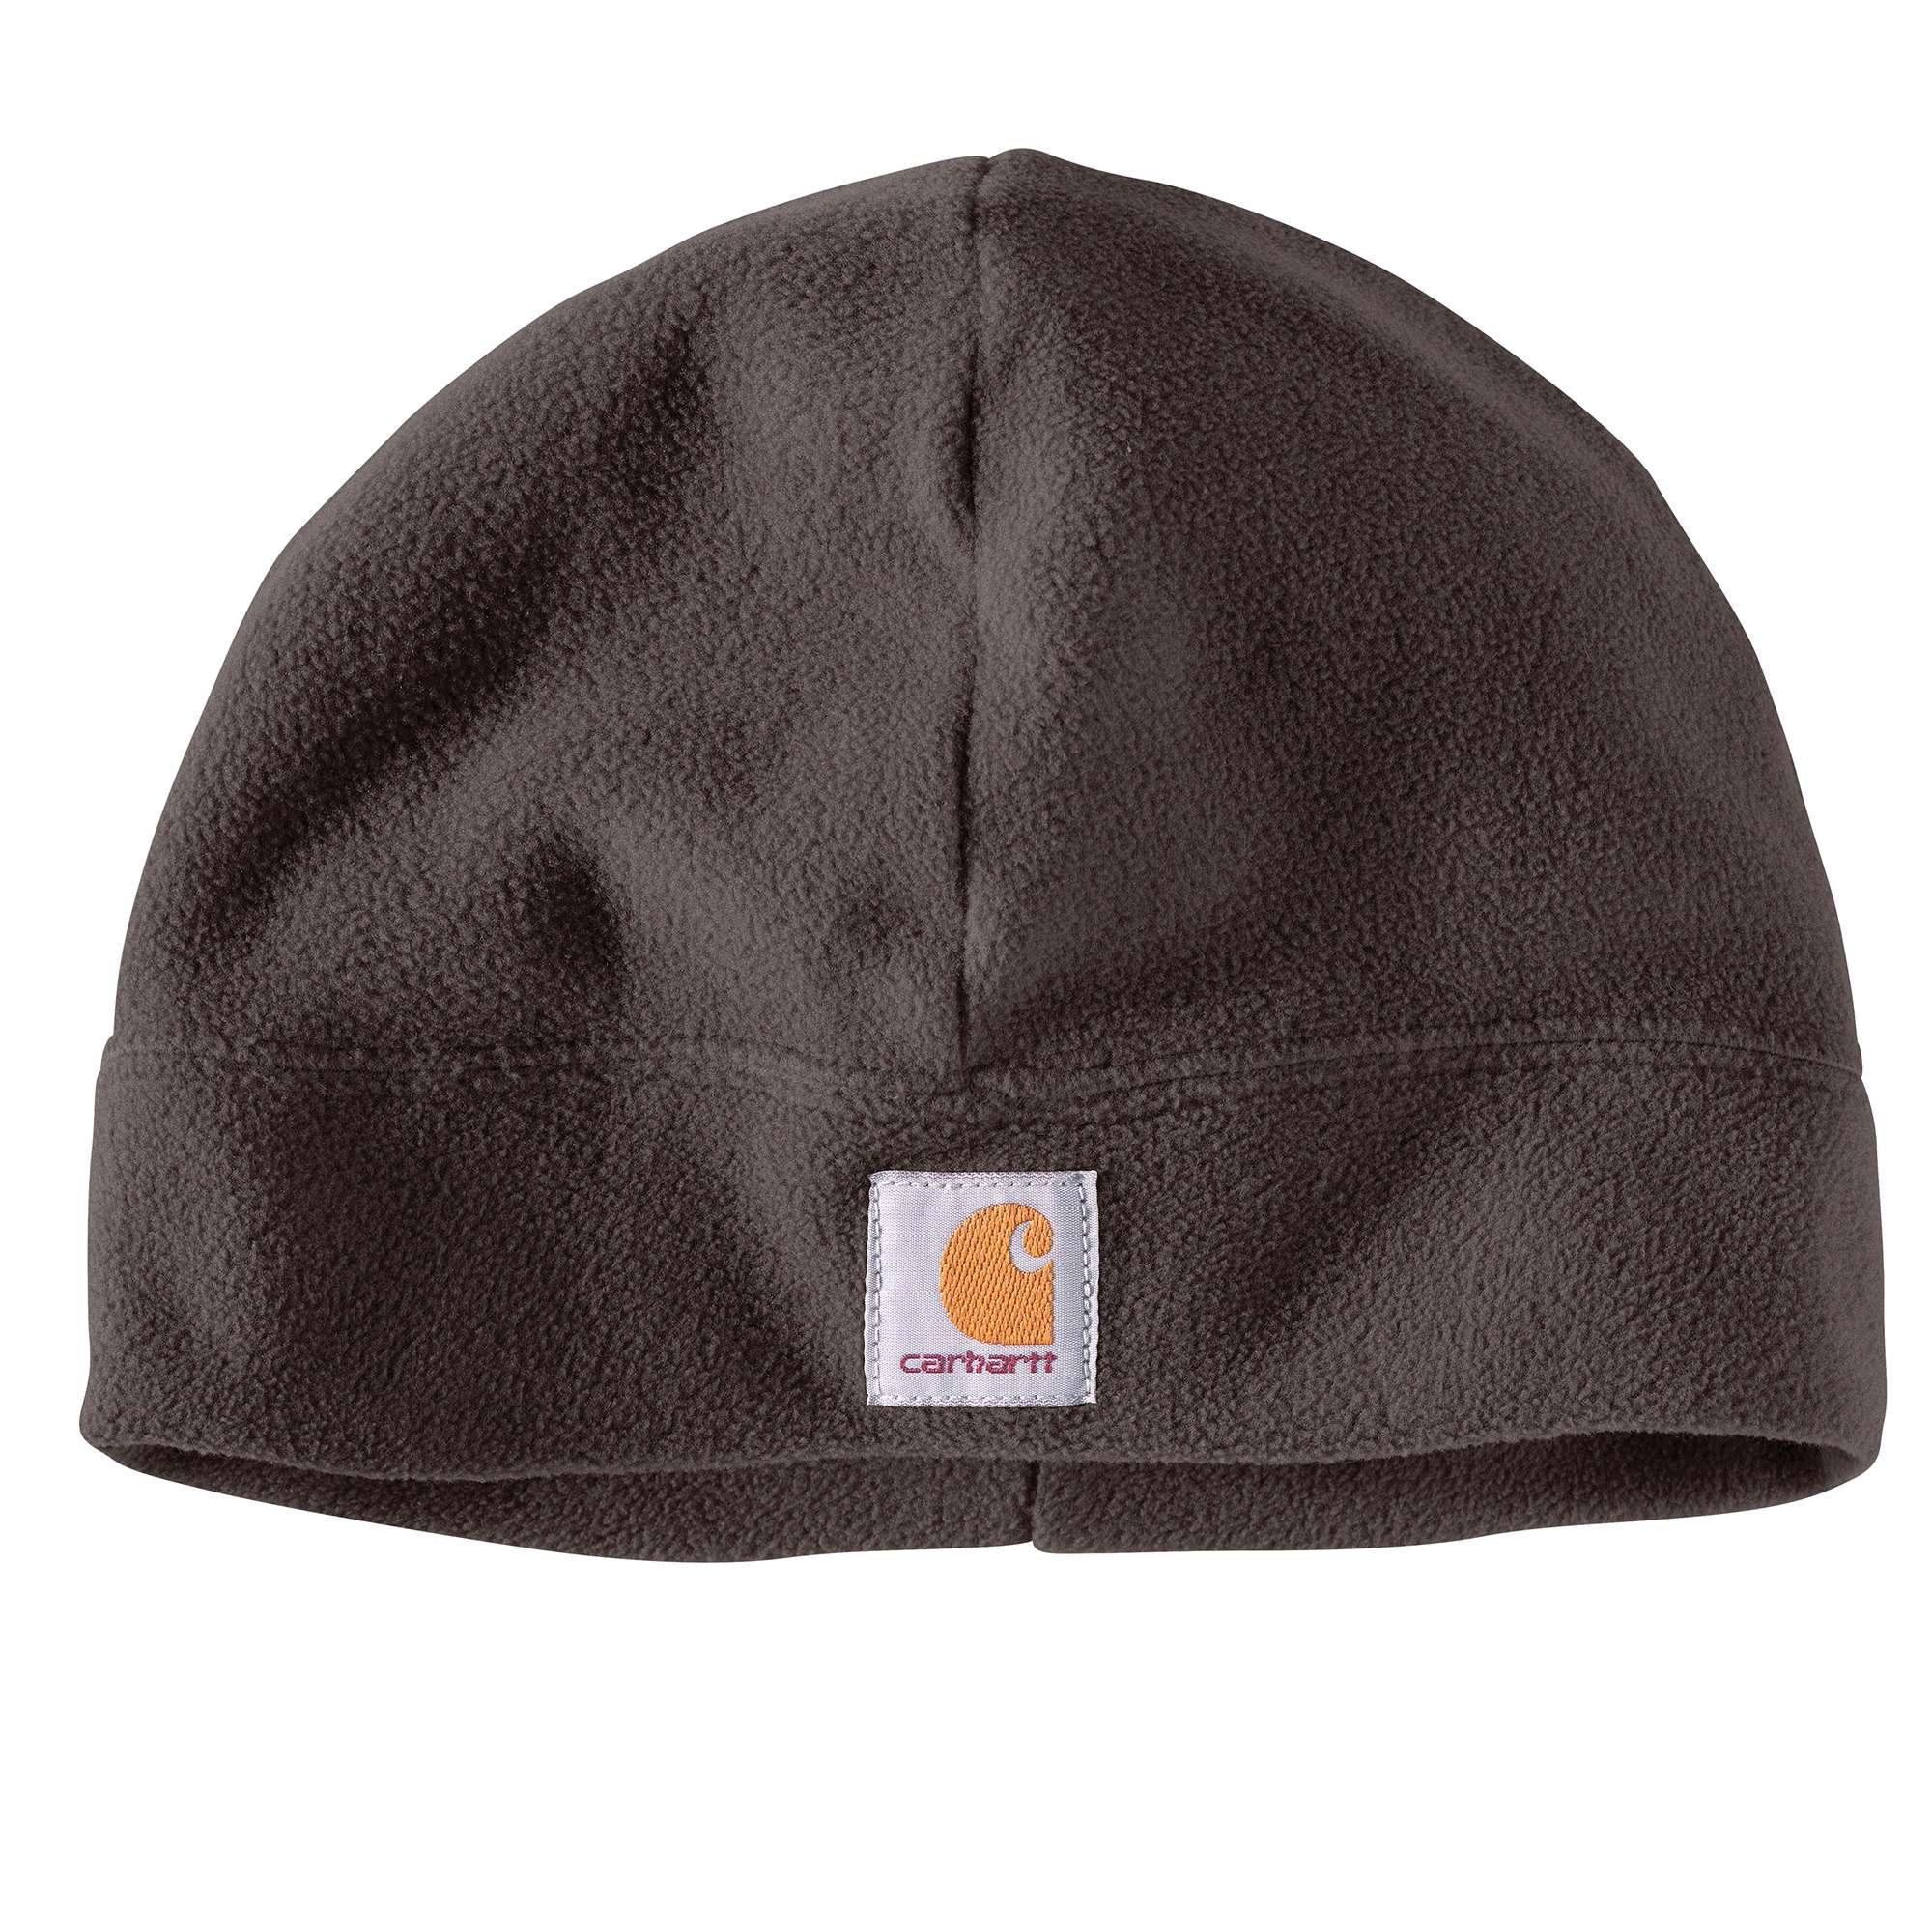 M Cotton Canvas Cap, Dark Brown,Dark Natural, swatch